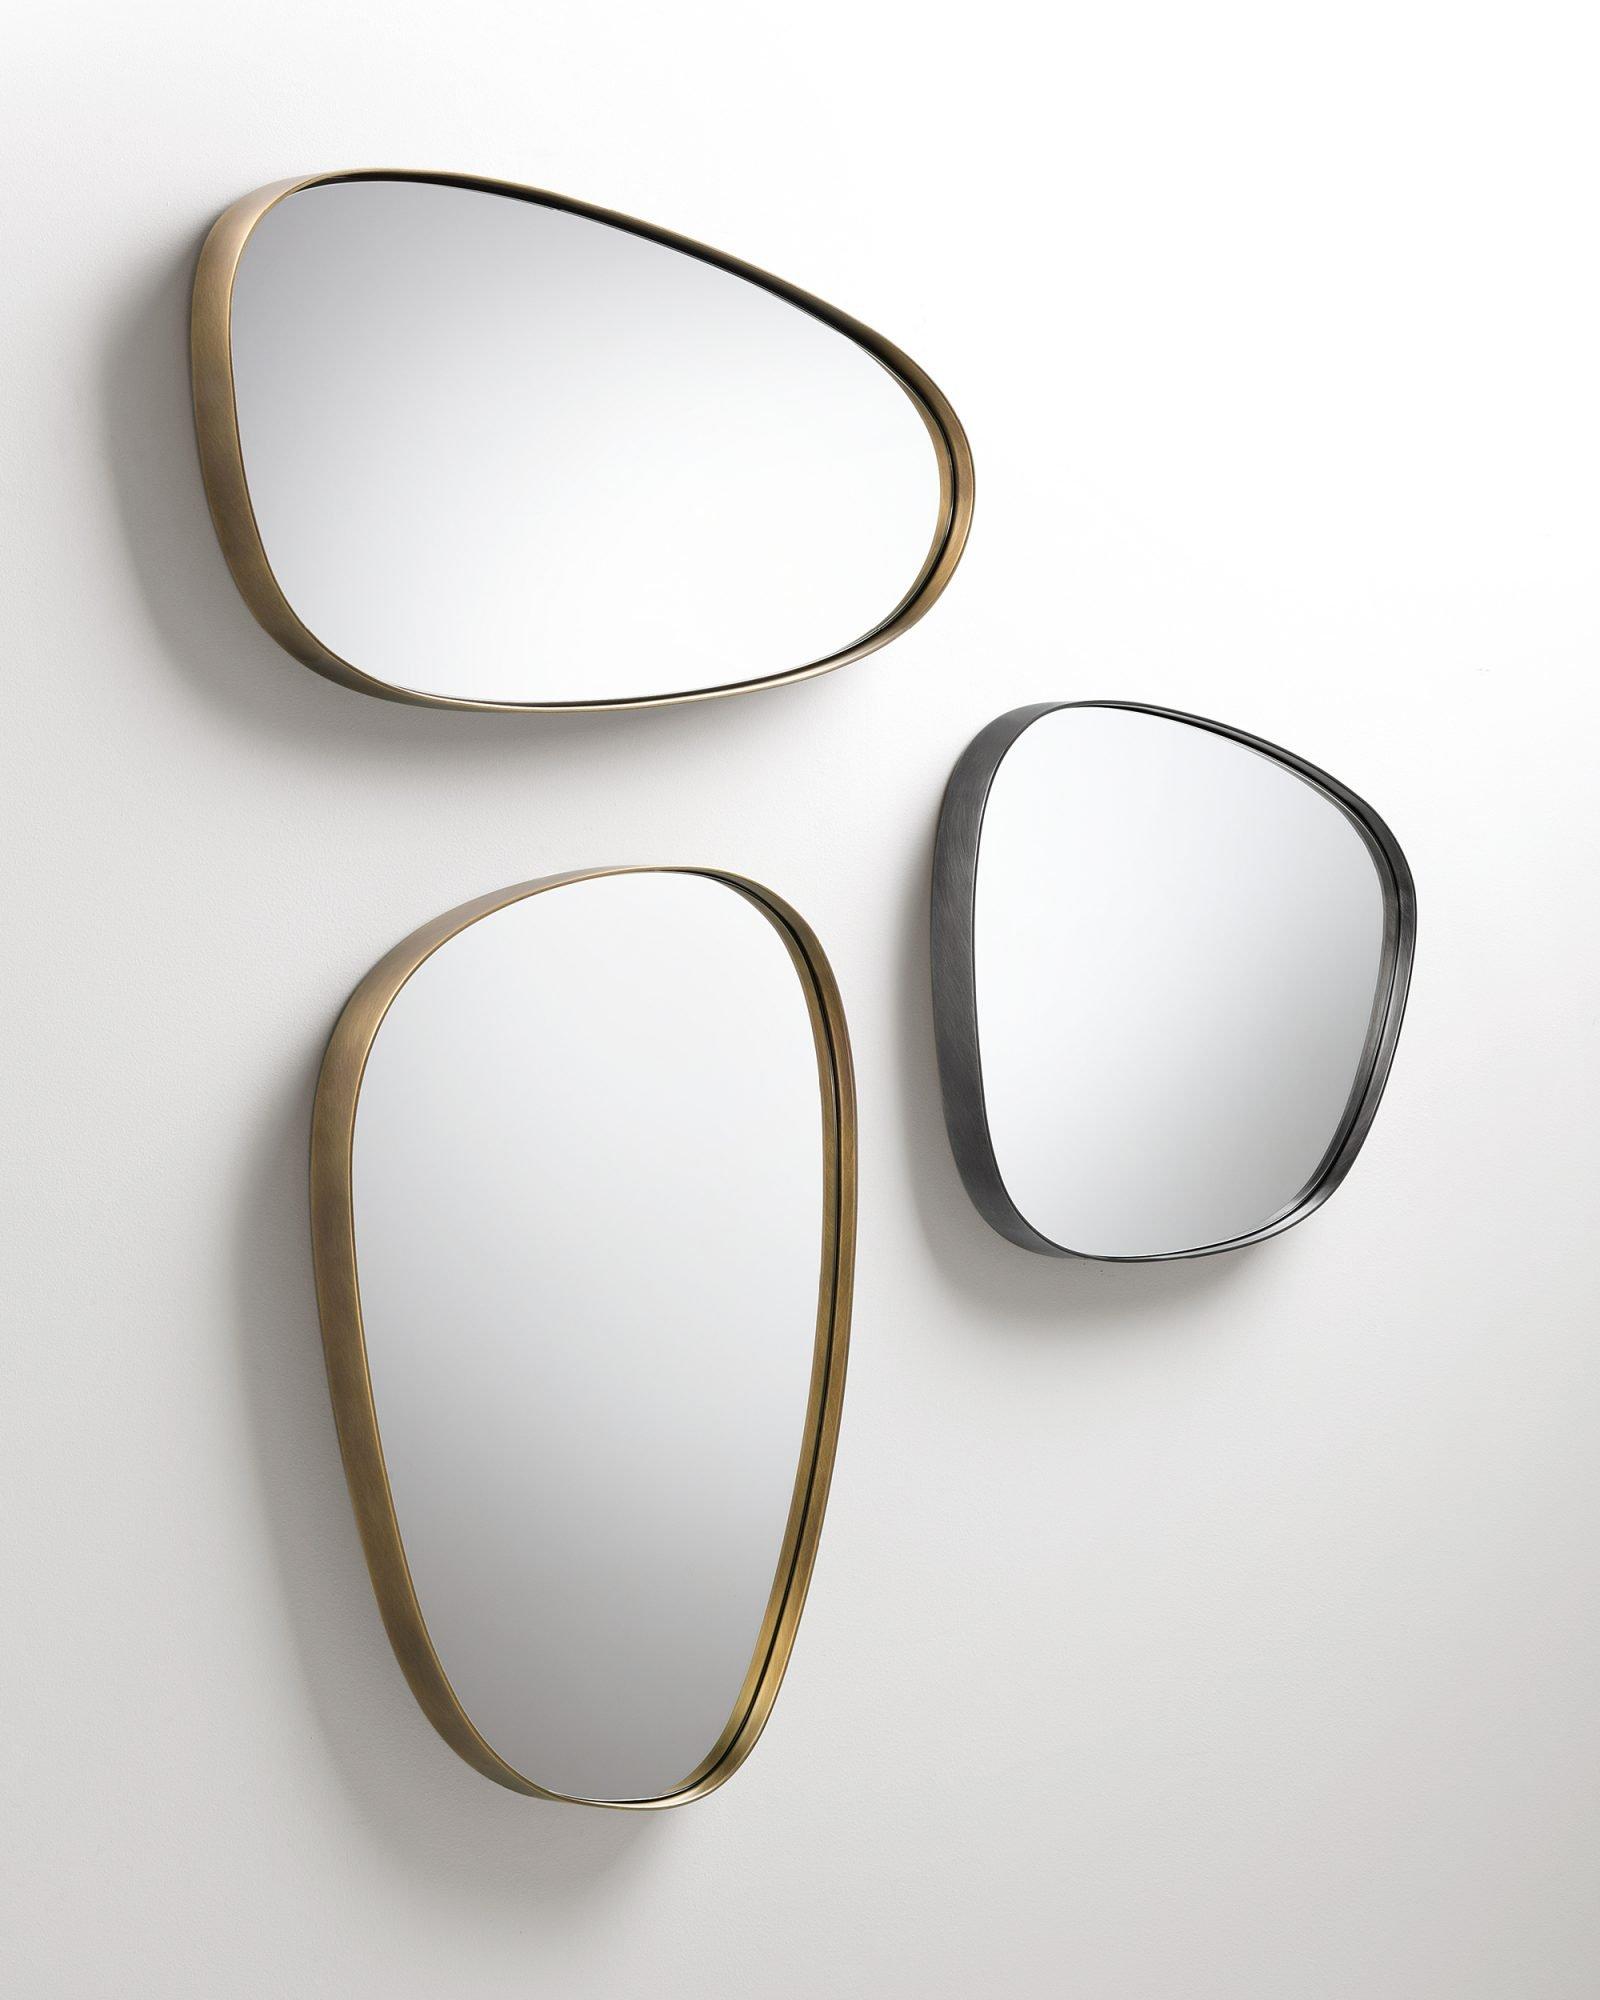 Syro Mirror from De Castelli, designed by Emilio Nanni